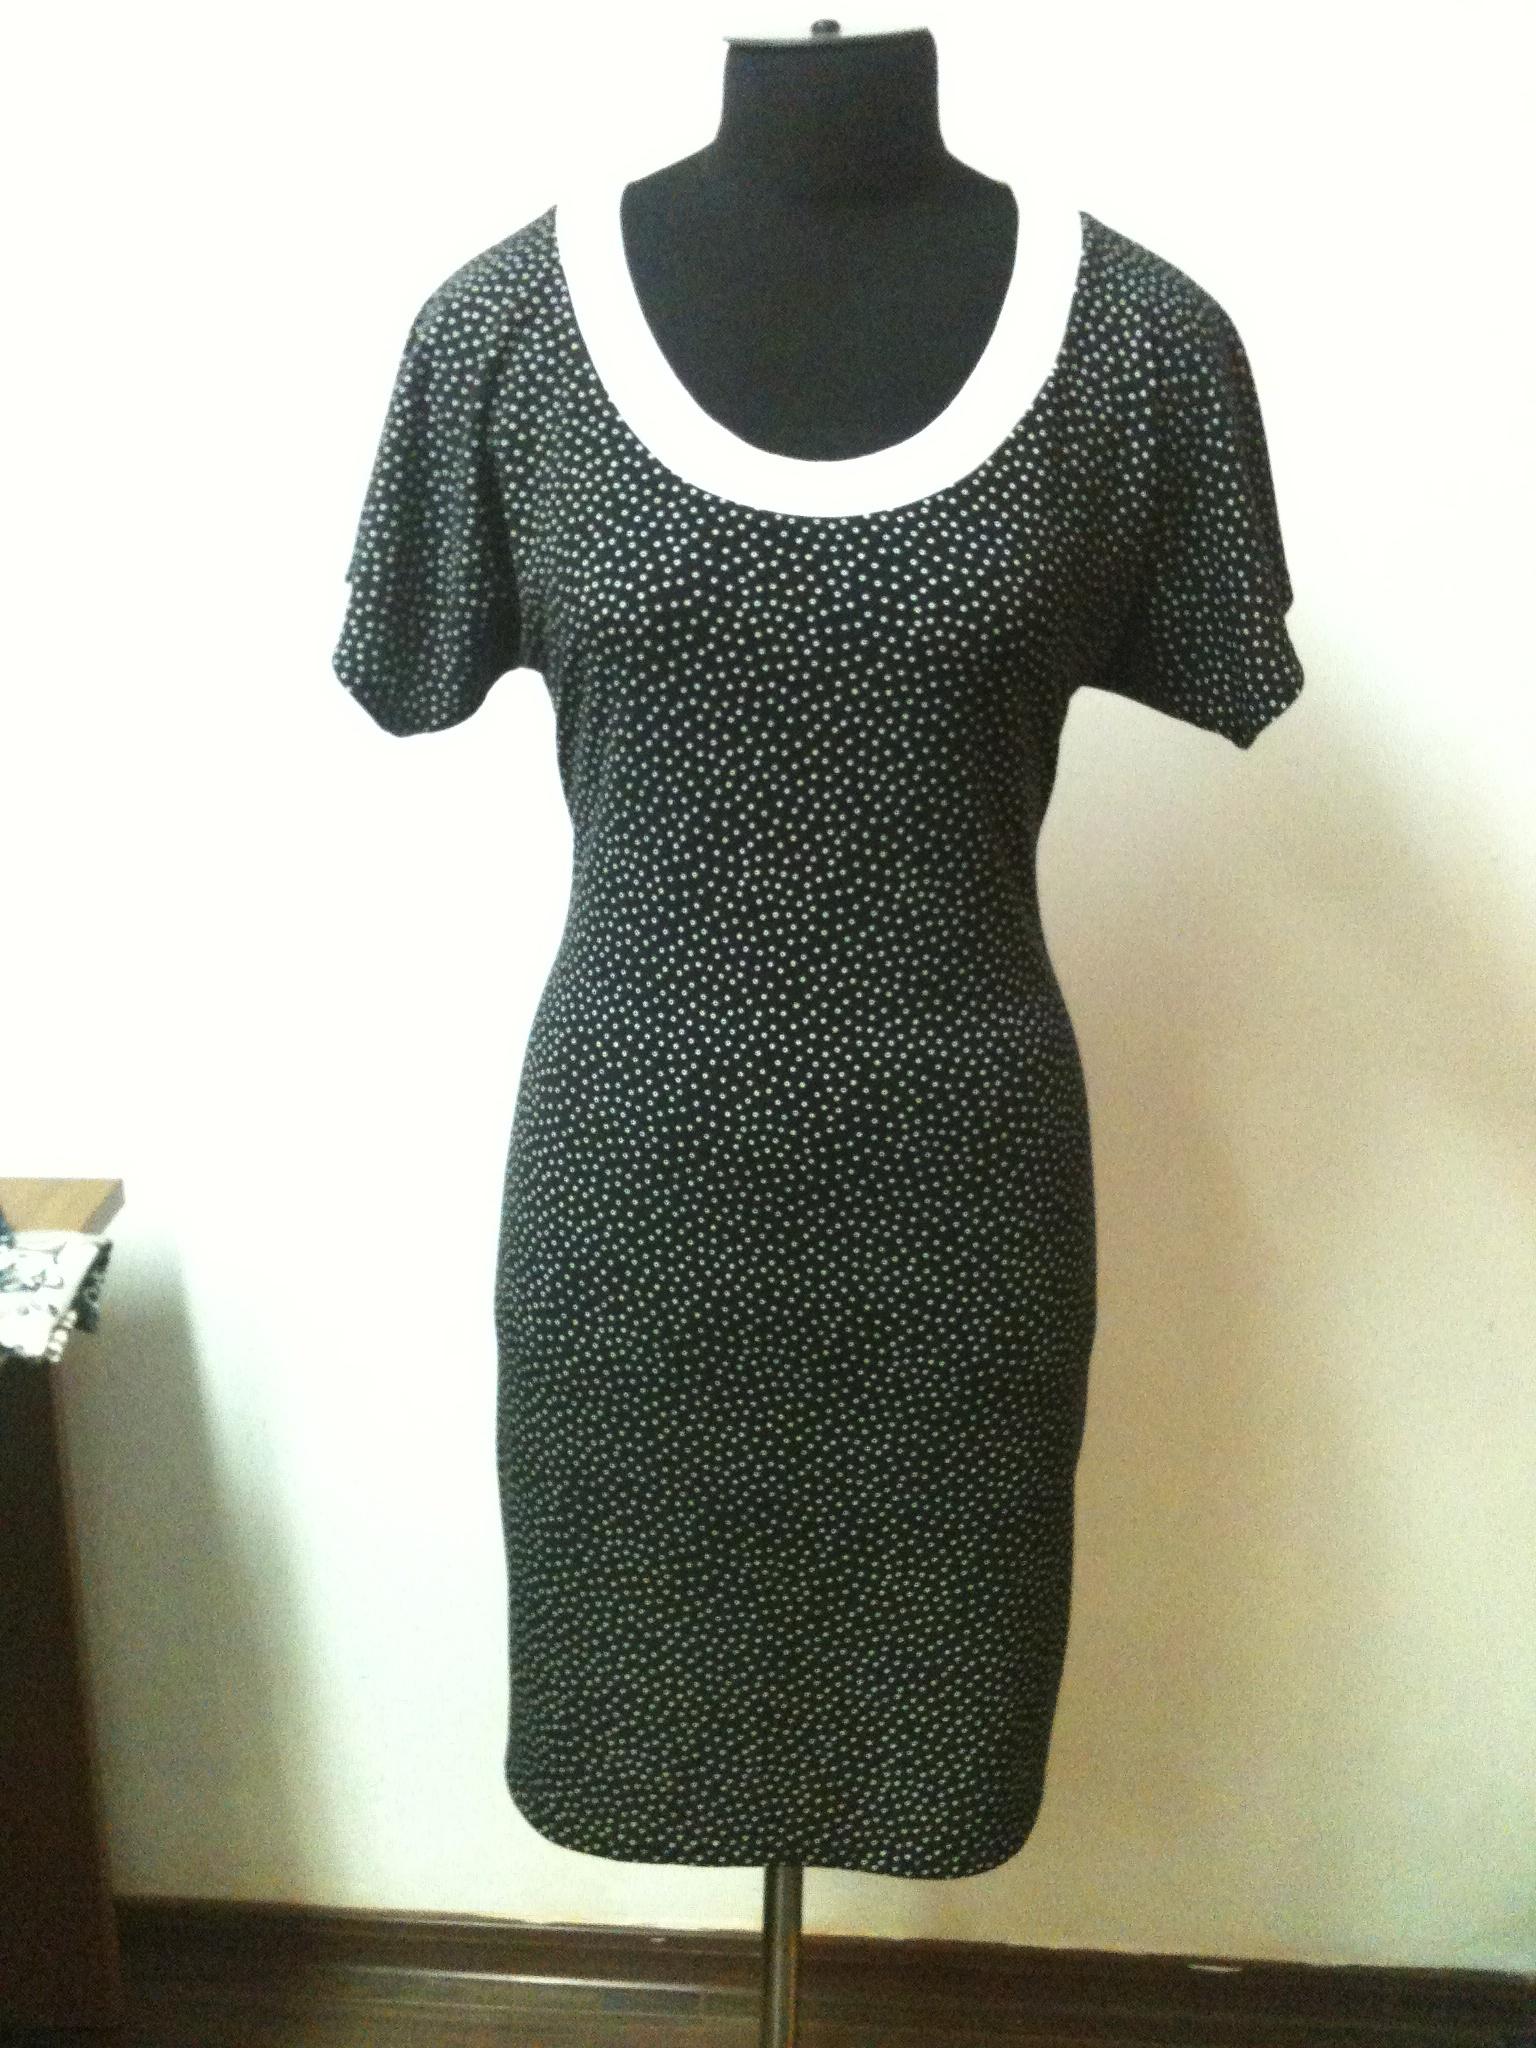 Шить на курсах платье из трикотажа Школа дизайнерского мастерства Елизаветы Добрицкой